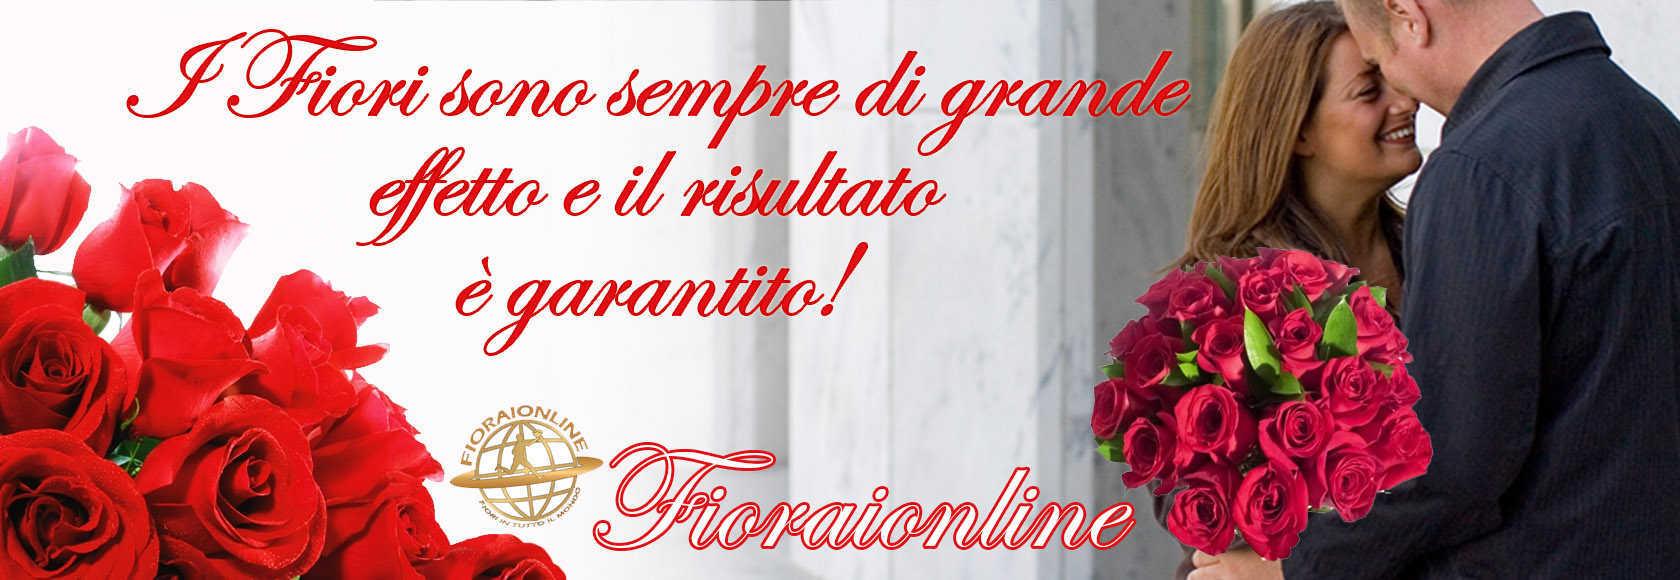 Fioraionline - Inviare online fiori per San Faustino